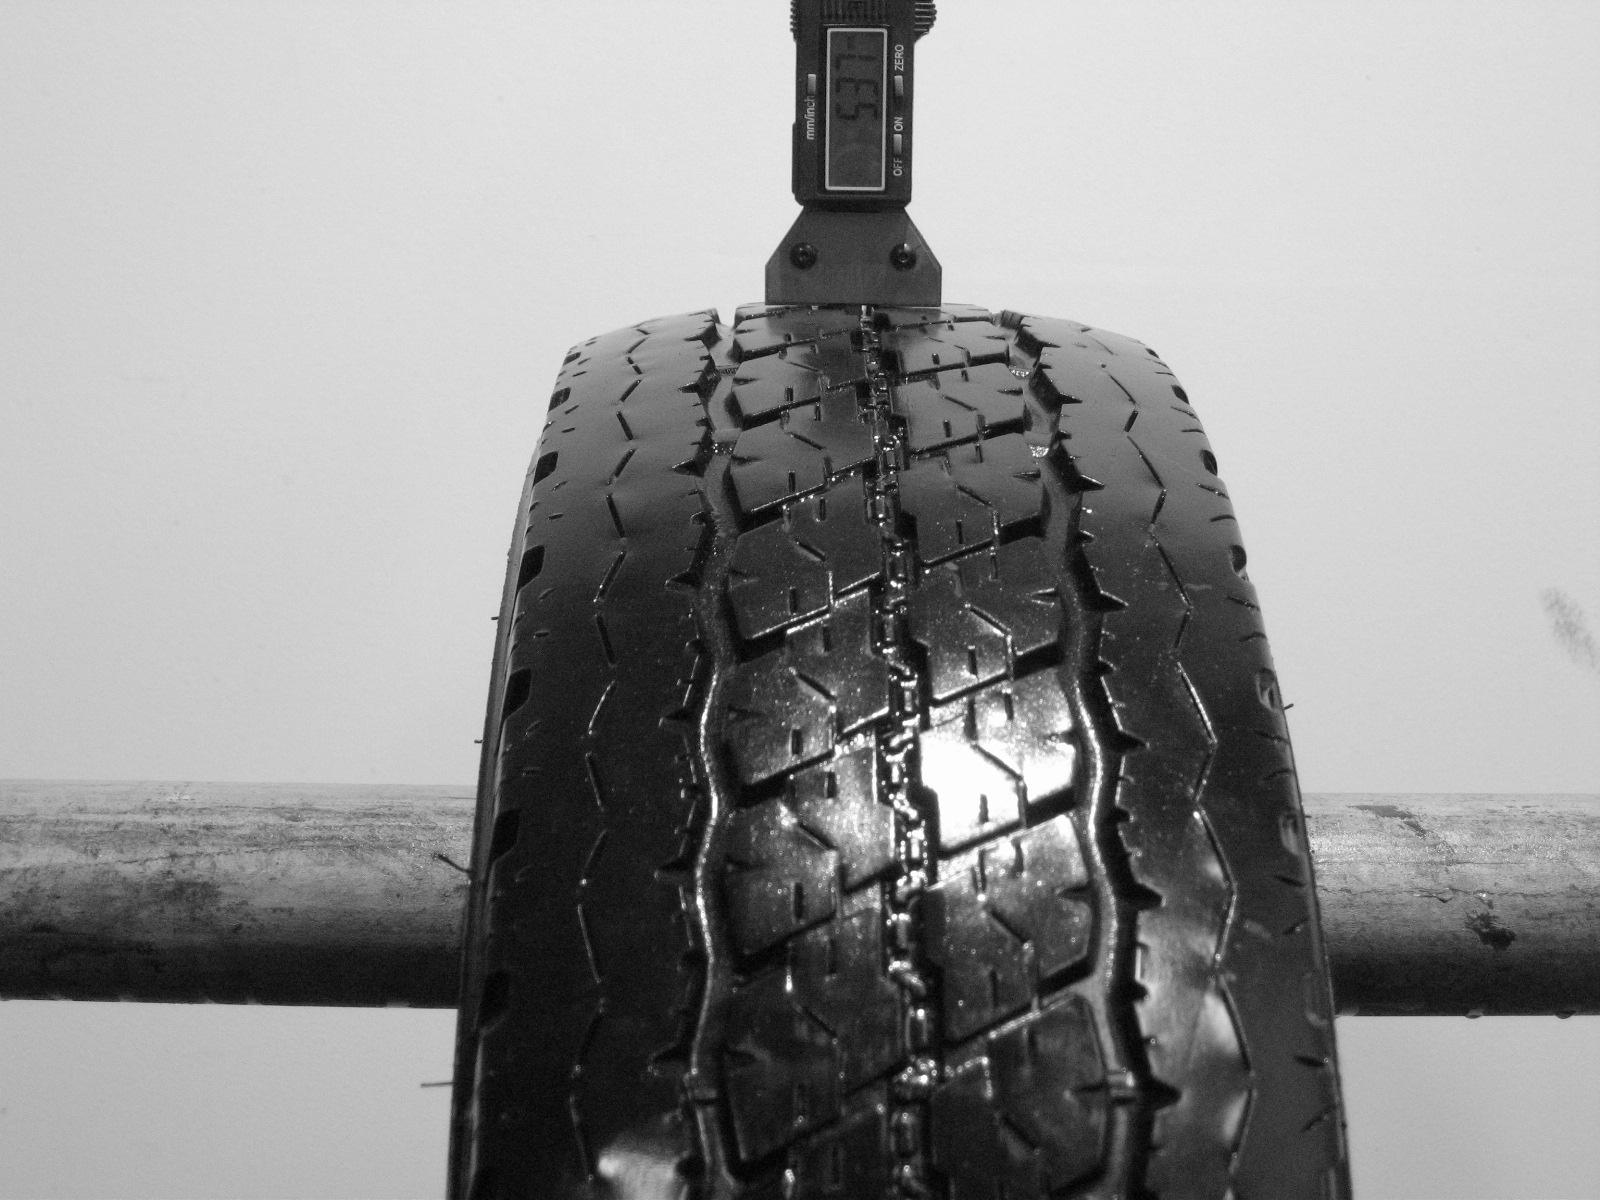 Použité-Pneu-Bazar - 175/75 R14 C BRIDGESTONE DURAVIS R630-kusovka-rezerva 3mm